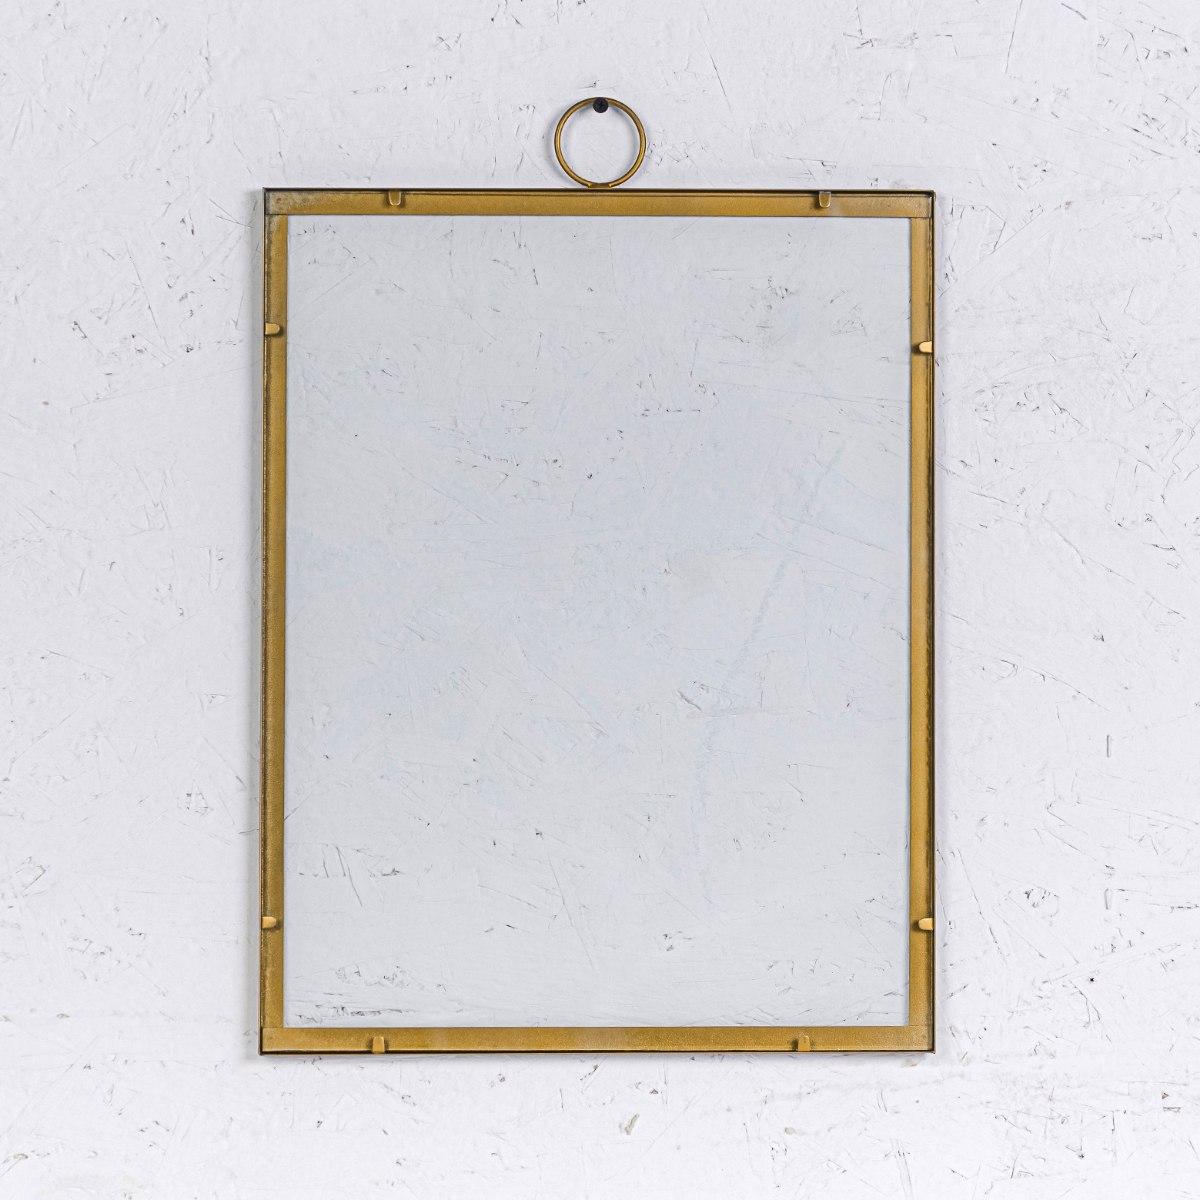 מסגרת ברזל זהב - גודל A3